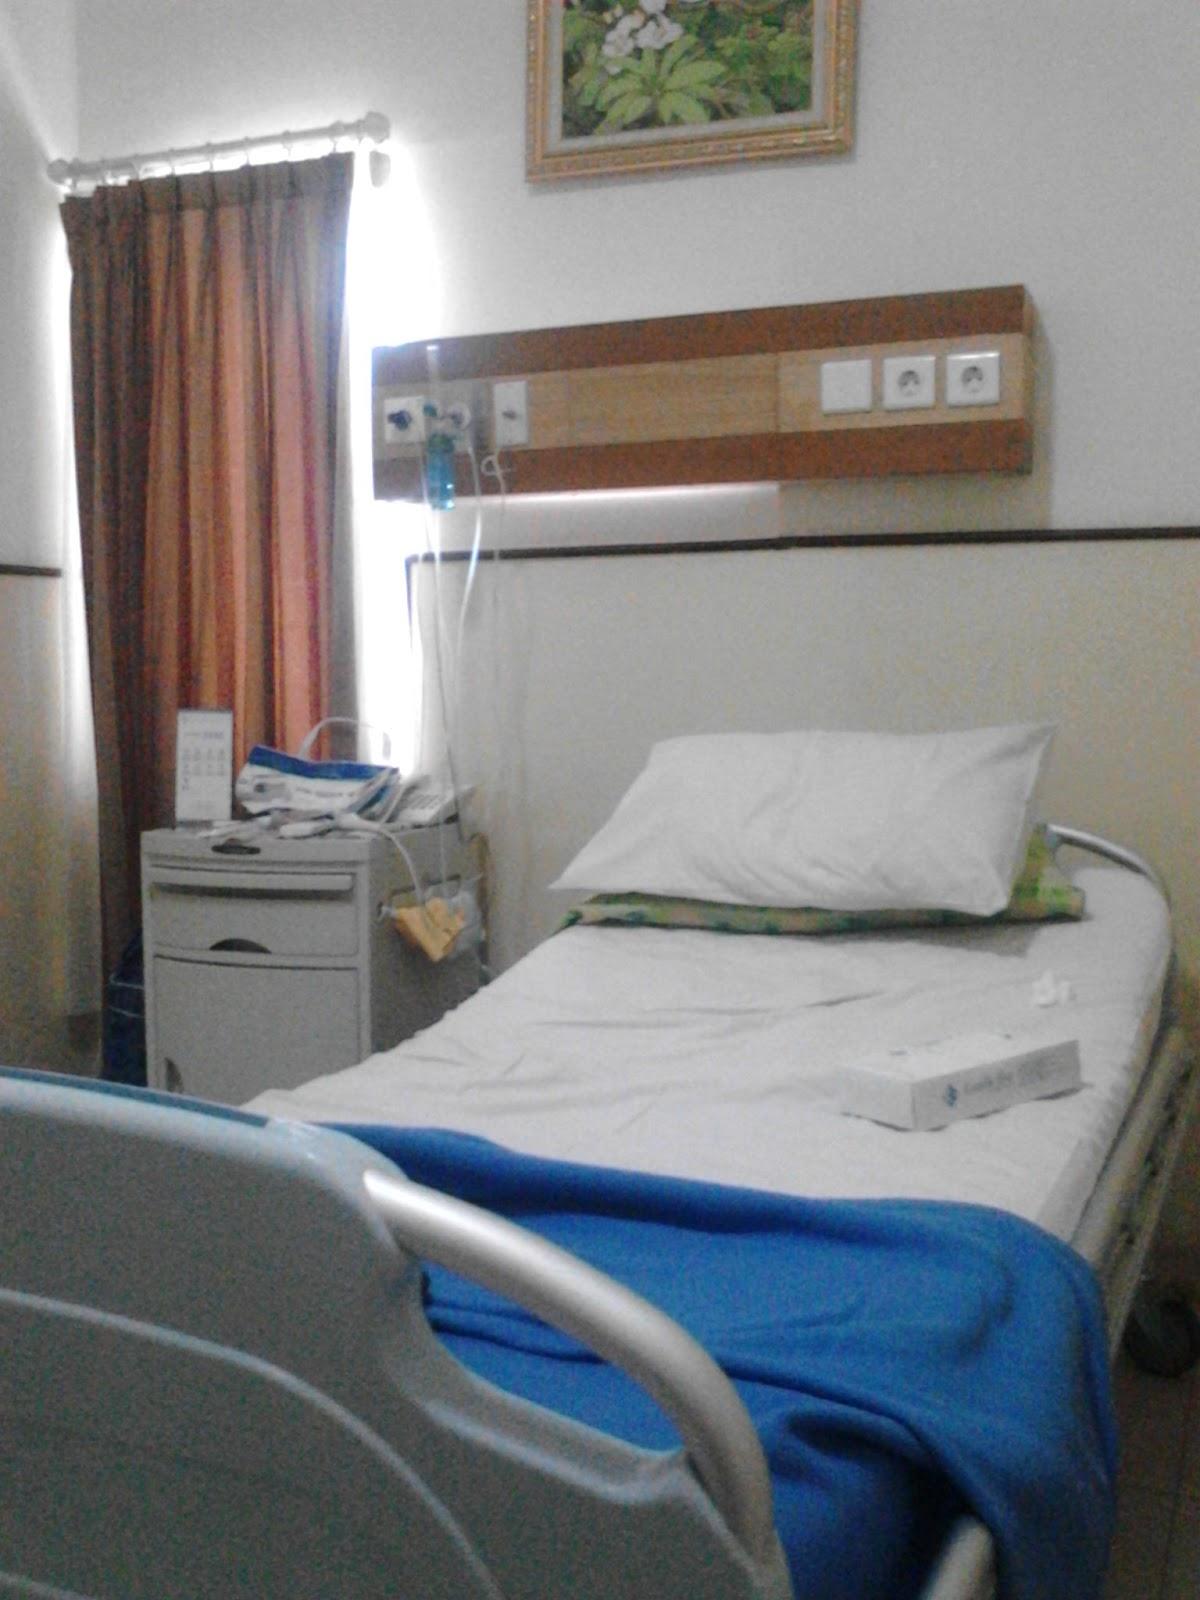 Pentingnya Sebuah Dapur Dalam Rumah Sakit Istana Bunda Vian